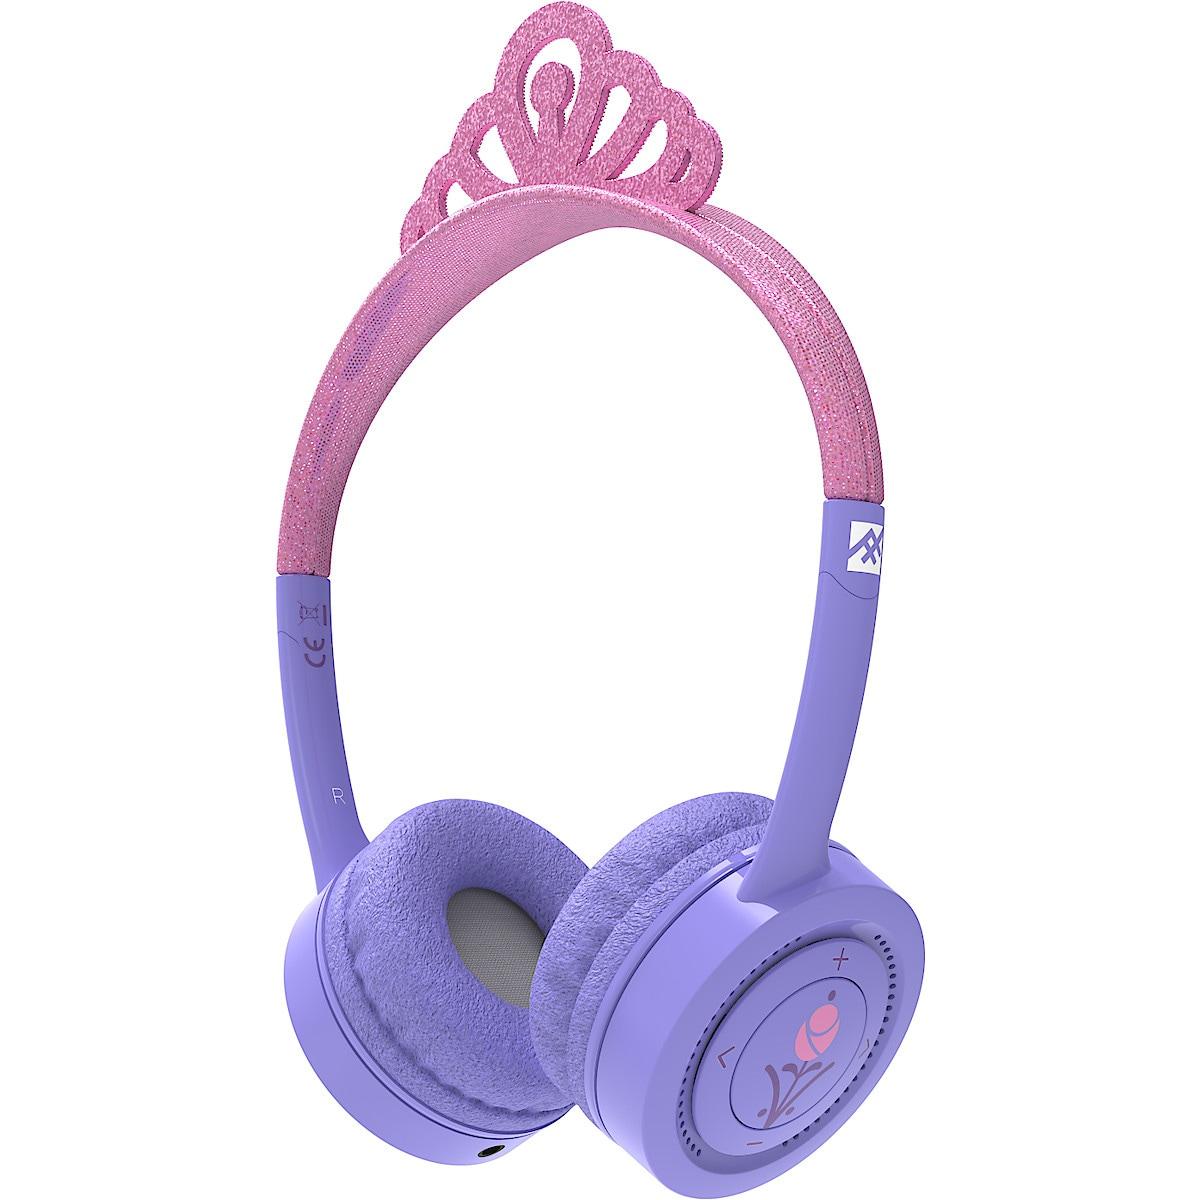 Trådlösa hörlurar för barn, iFrogz Little Rockerz